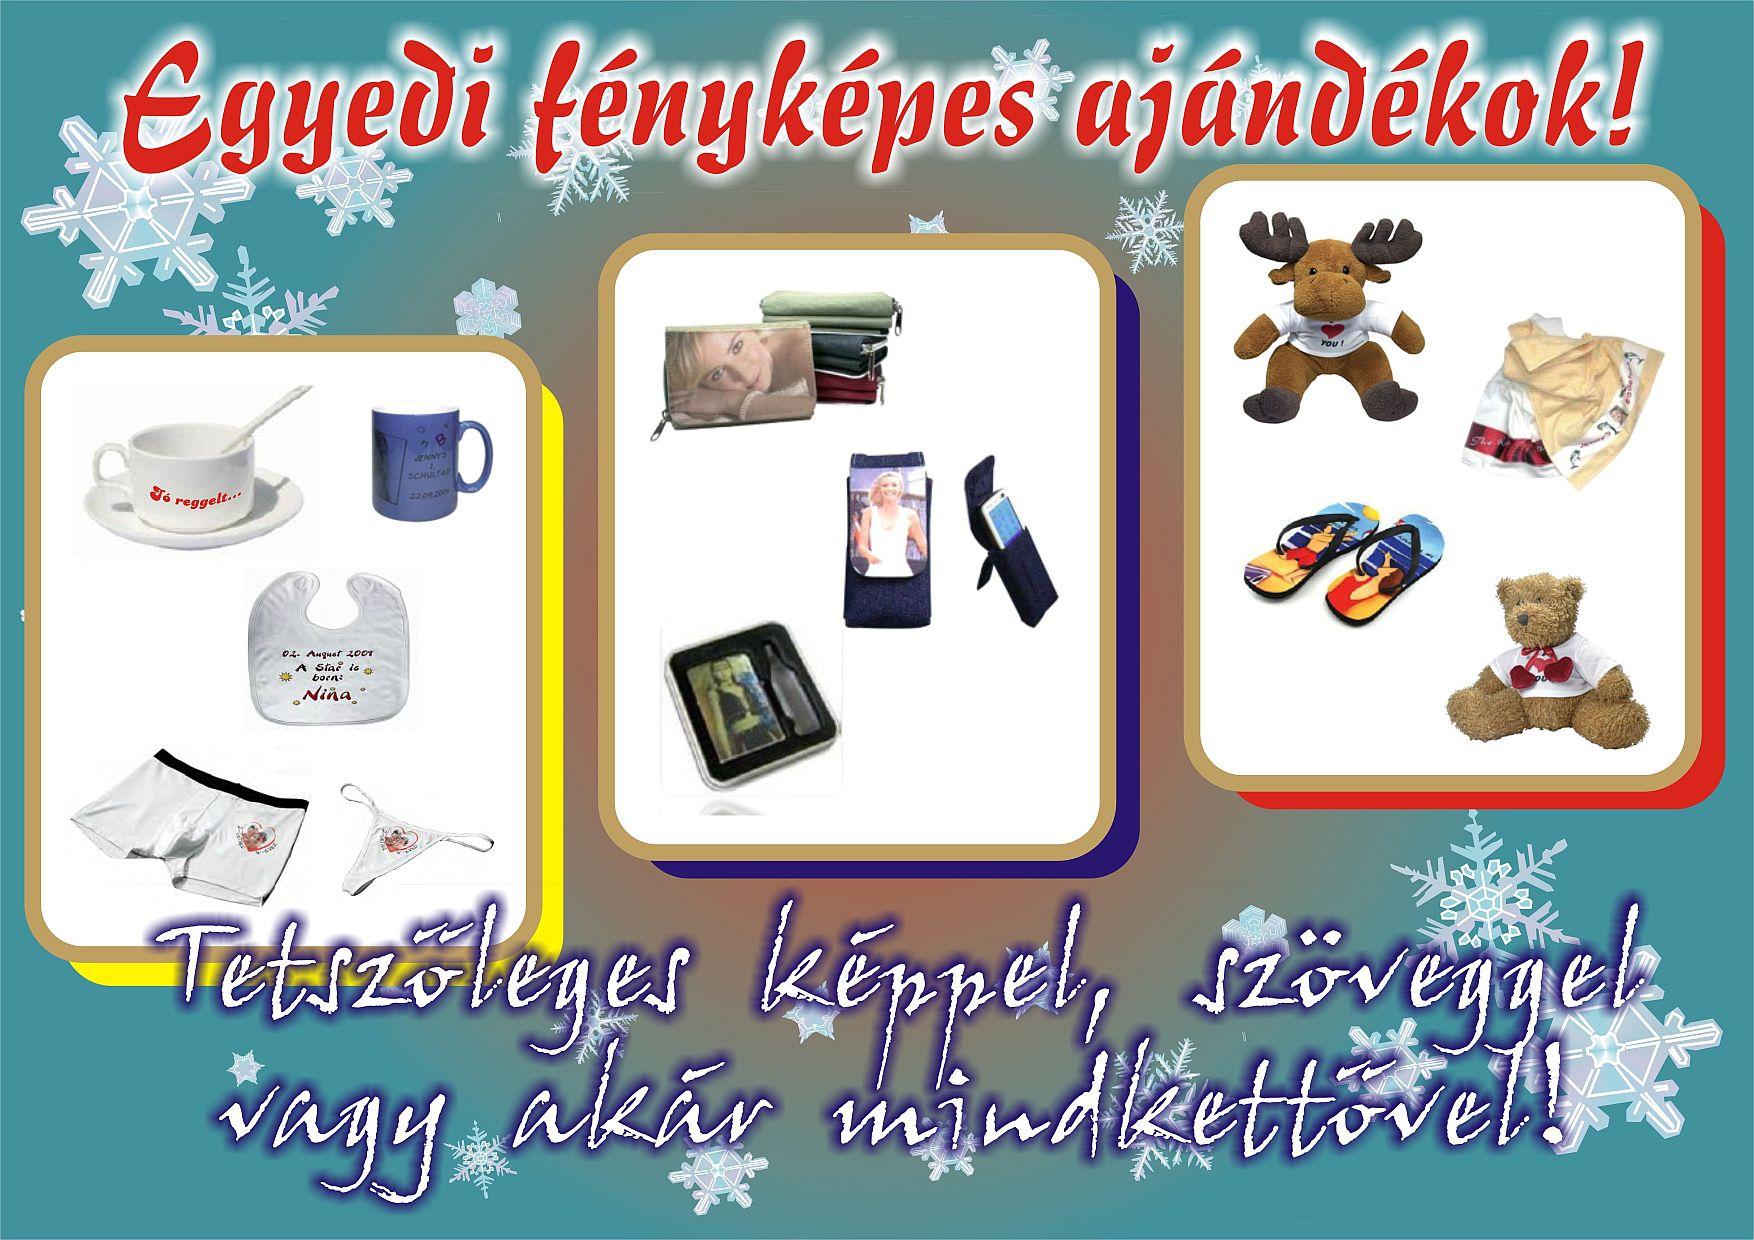 21454bb601 Grafika nyomda dekoráció: BŐVÜLŐ KÍNÁLAT - Egyedi fényképes ajándékok